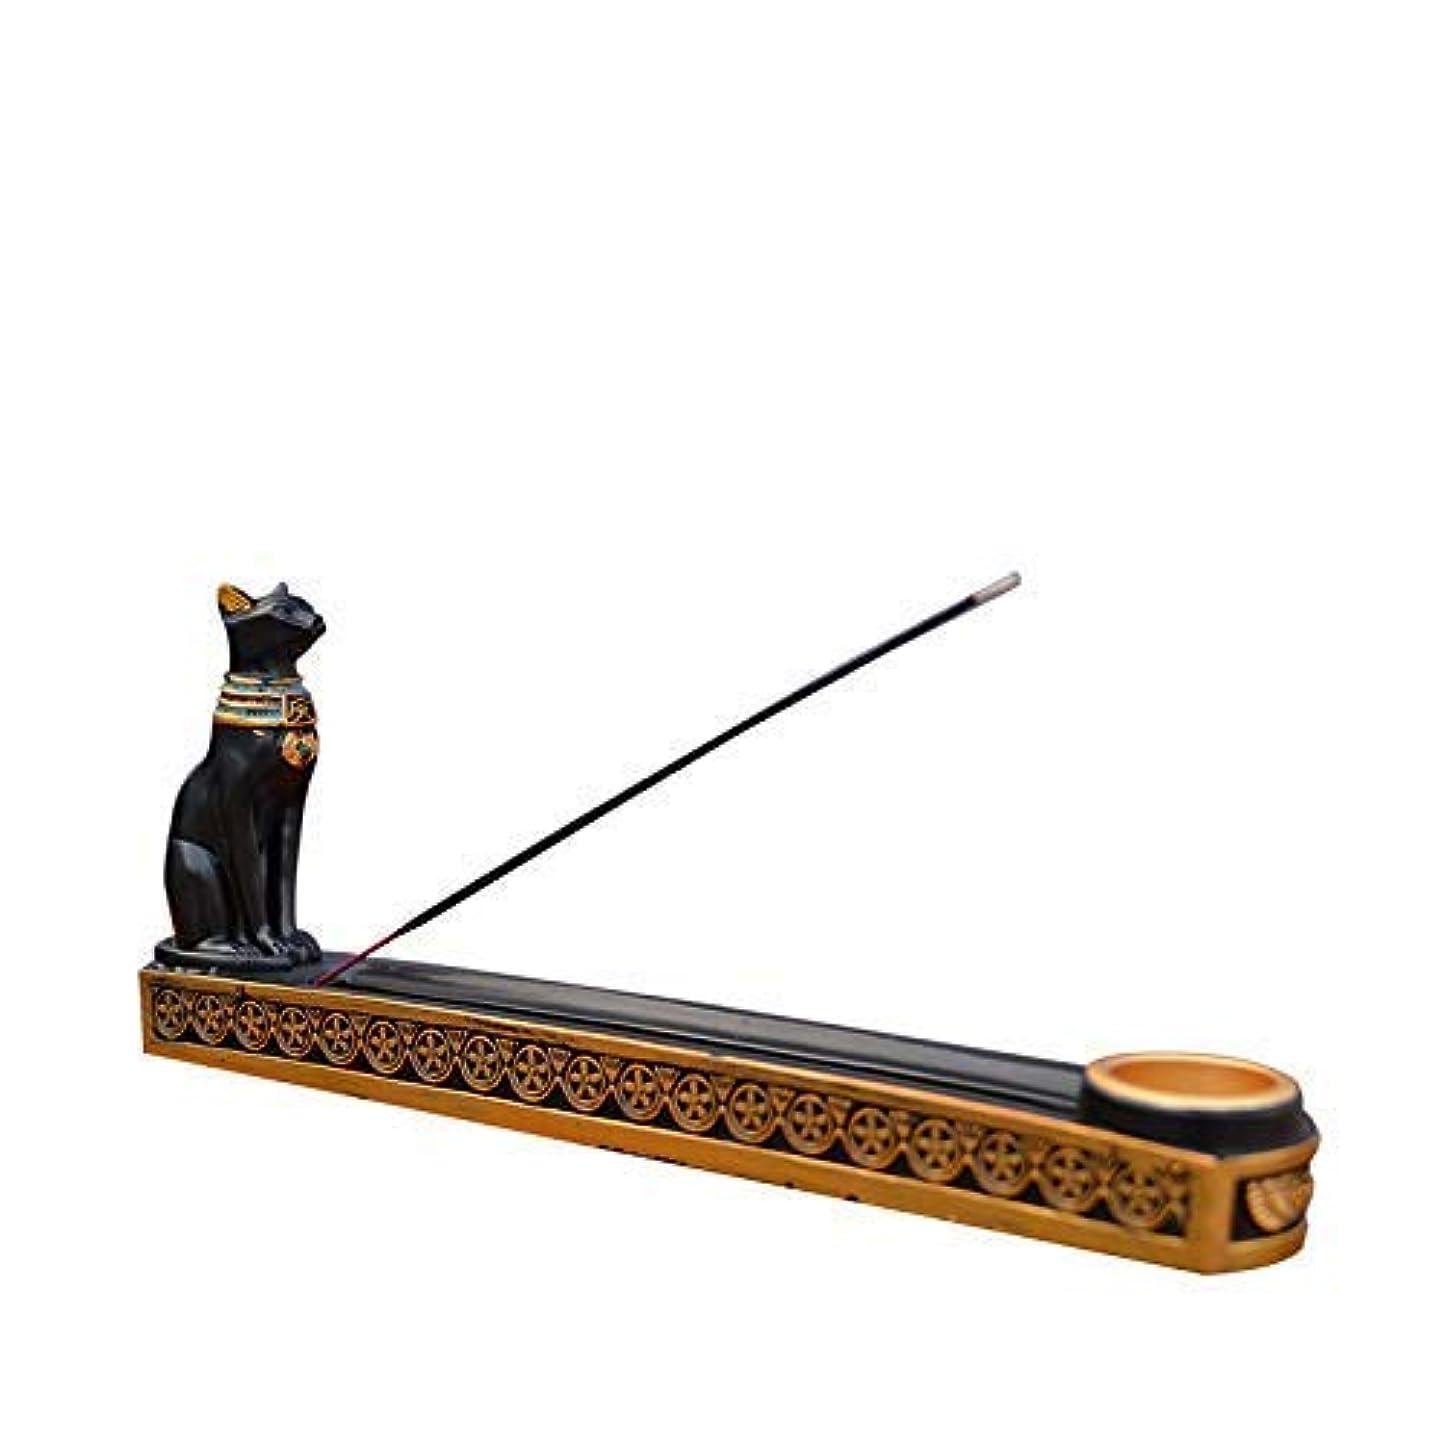 懲戒歯南方のtonntyann 横置き お香立て ボックス 猫 寝かせ スティックおしゃれ 線香立て お香 古代エジプト風 バステト神 アロマ お香 横置き ヒエログリフ ネ